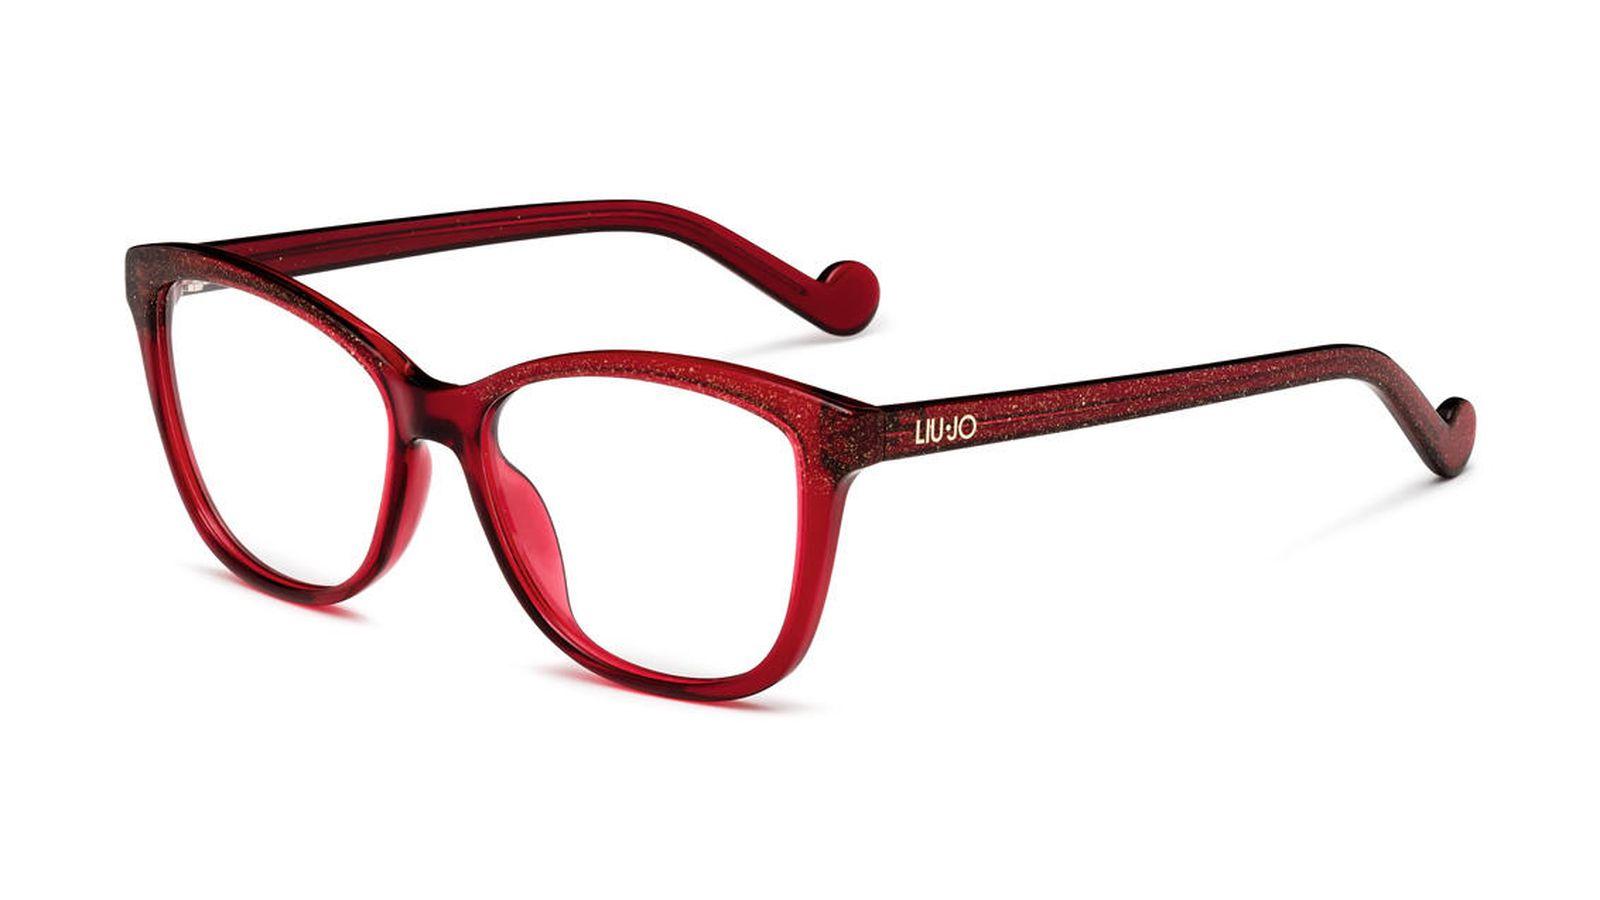 8e4dc1b3f8 gafas graduadas rojas